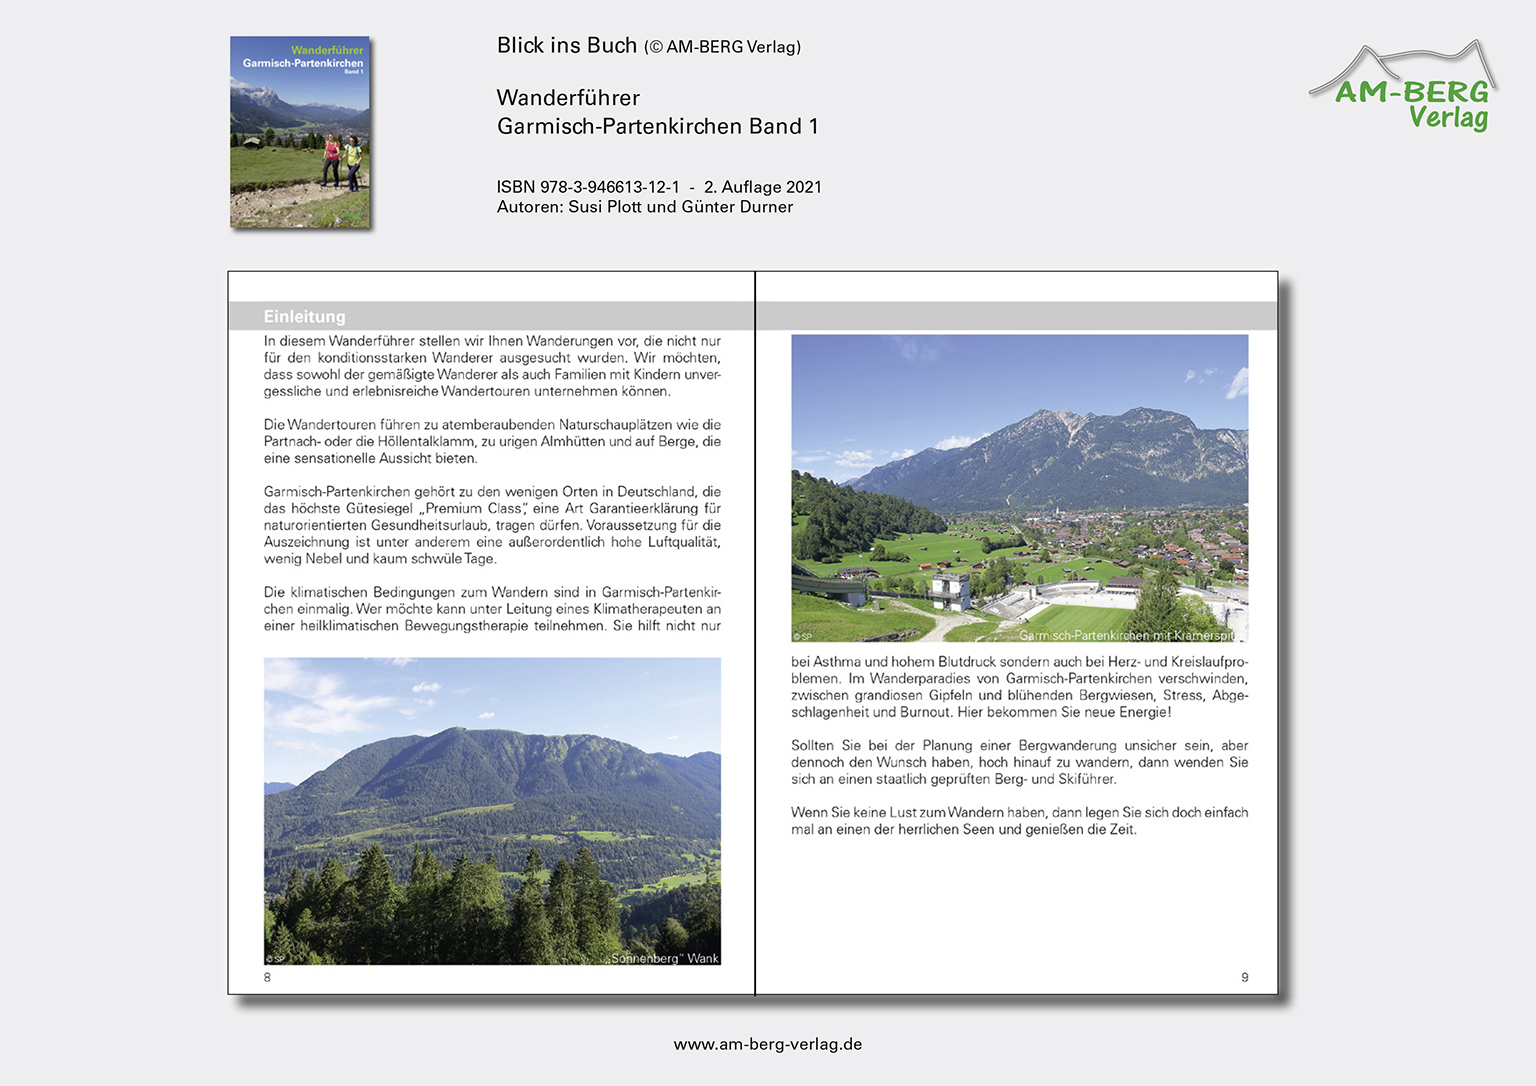 Wanderführer Garmisch-Partenkirchen Band 1_Blick ins Buch05